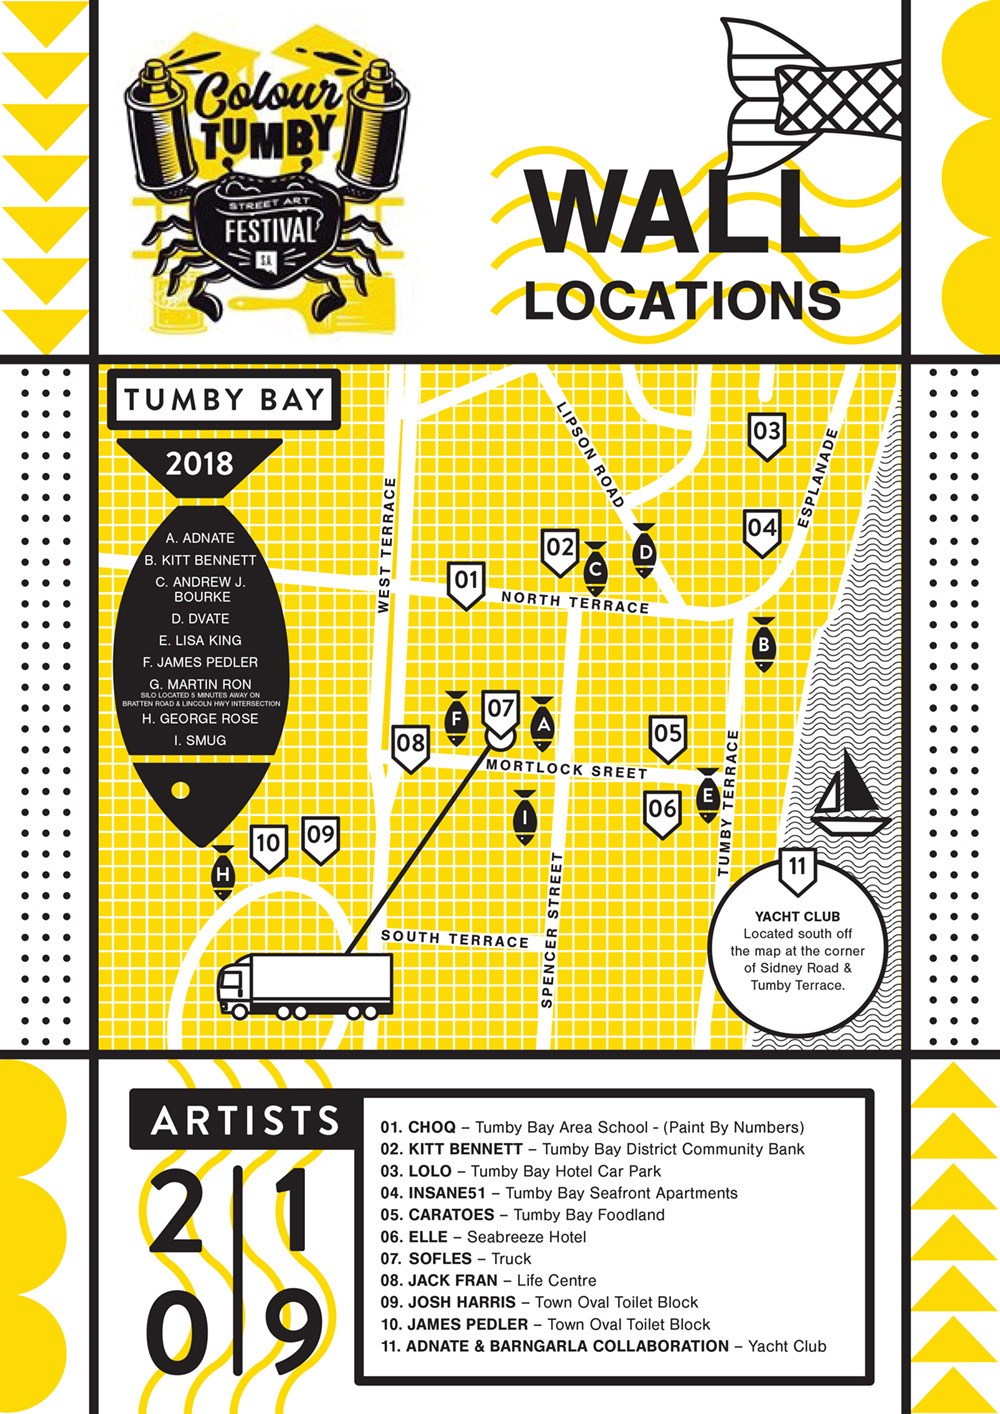 Tumby Bay COLOUR TUMBY street art festival